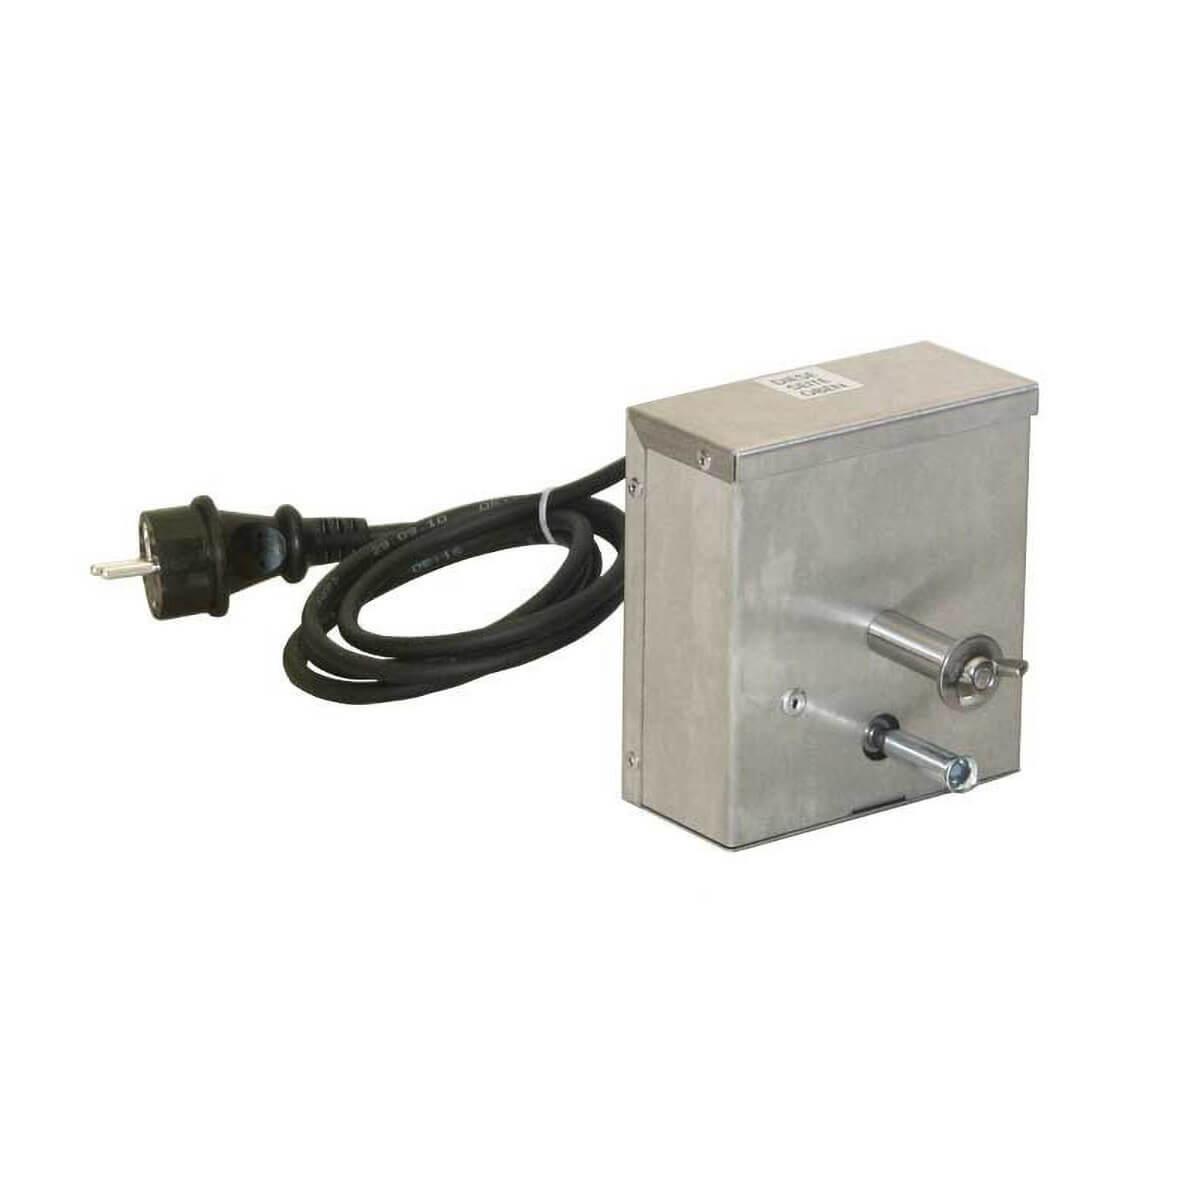 Heibi Outdoorküchen Grillmotor GM 5 für Holzkohlegrills 80147